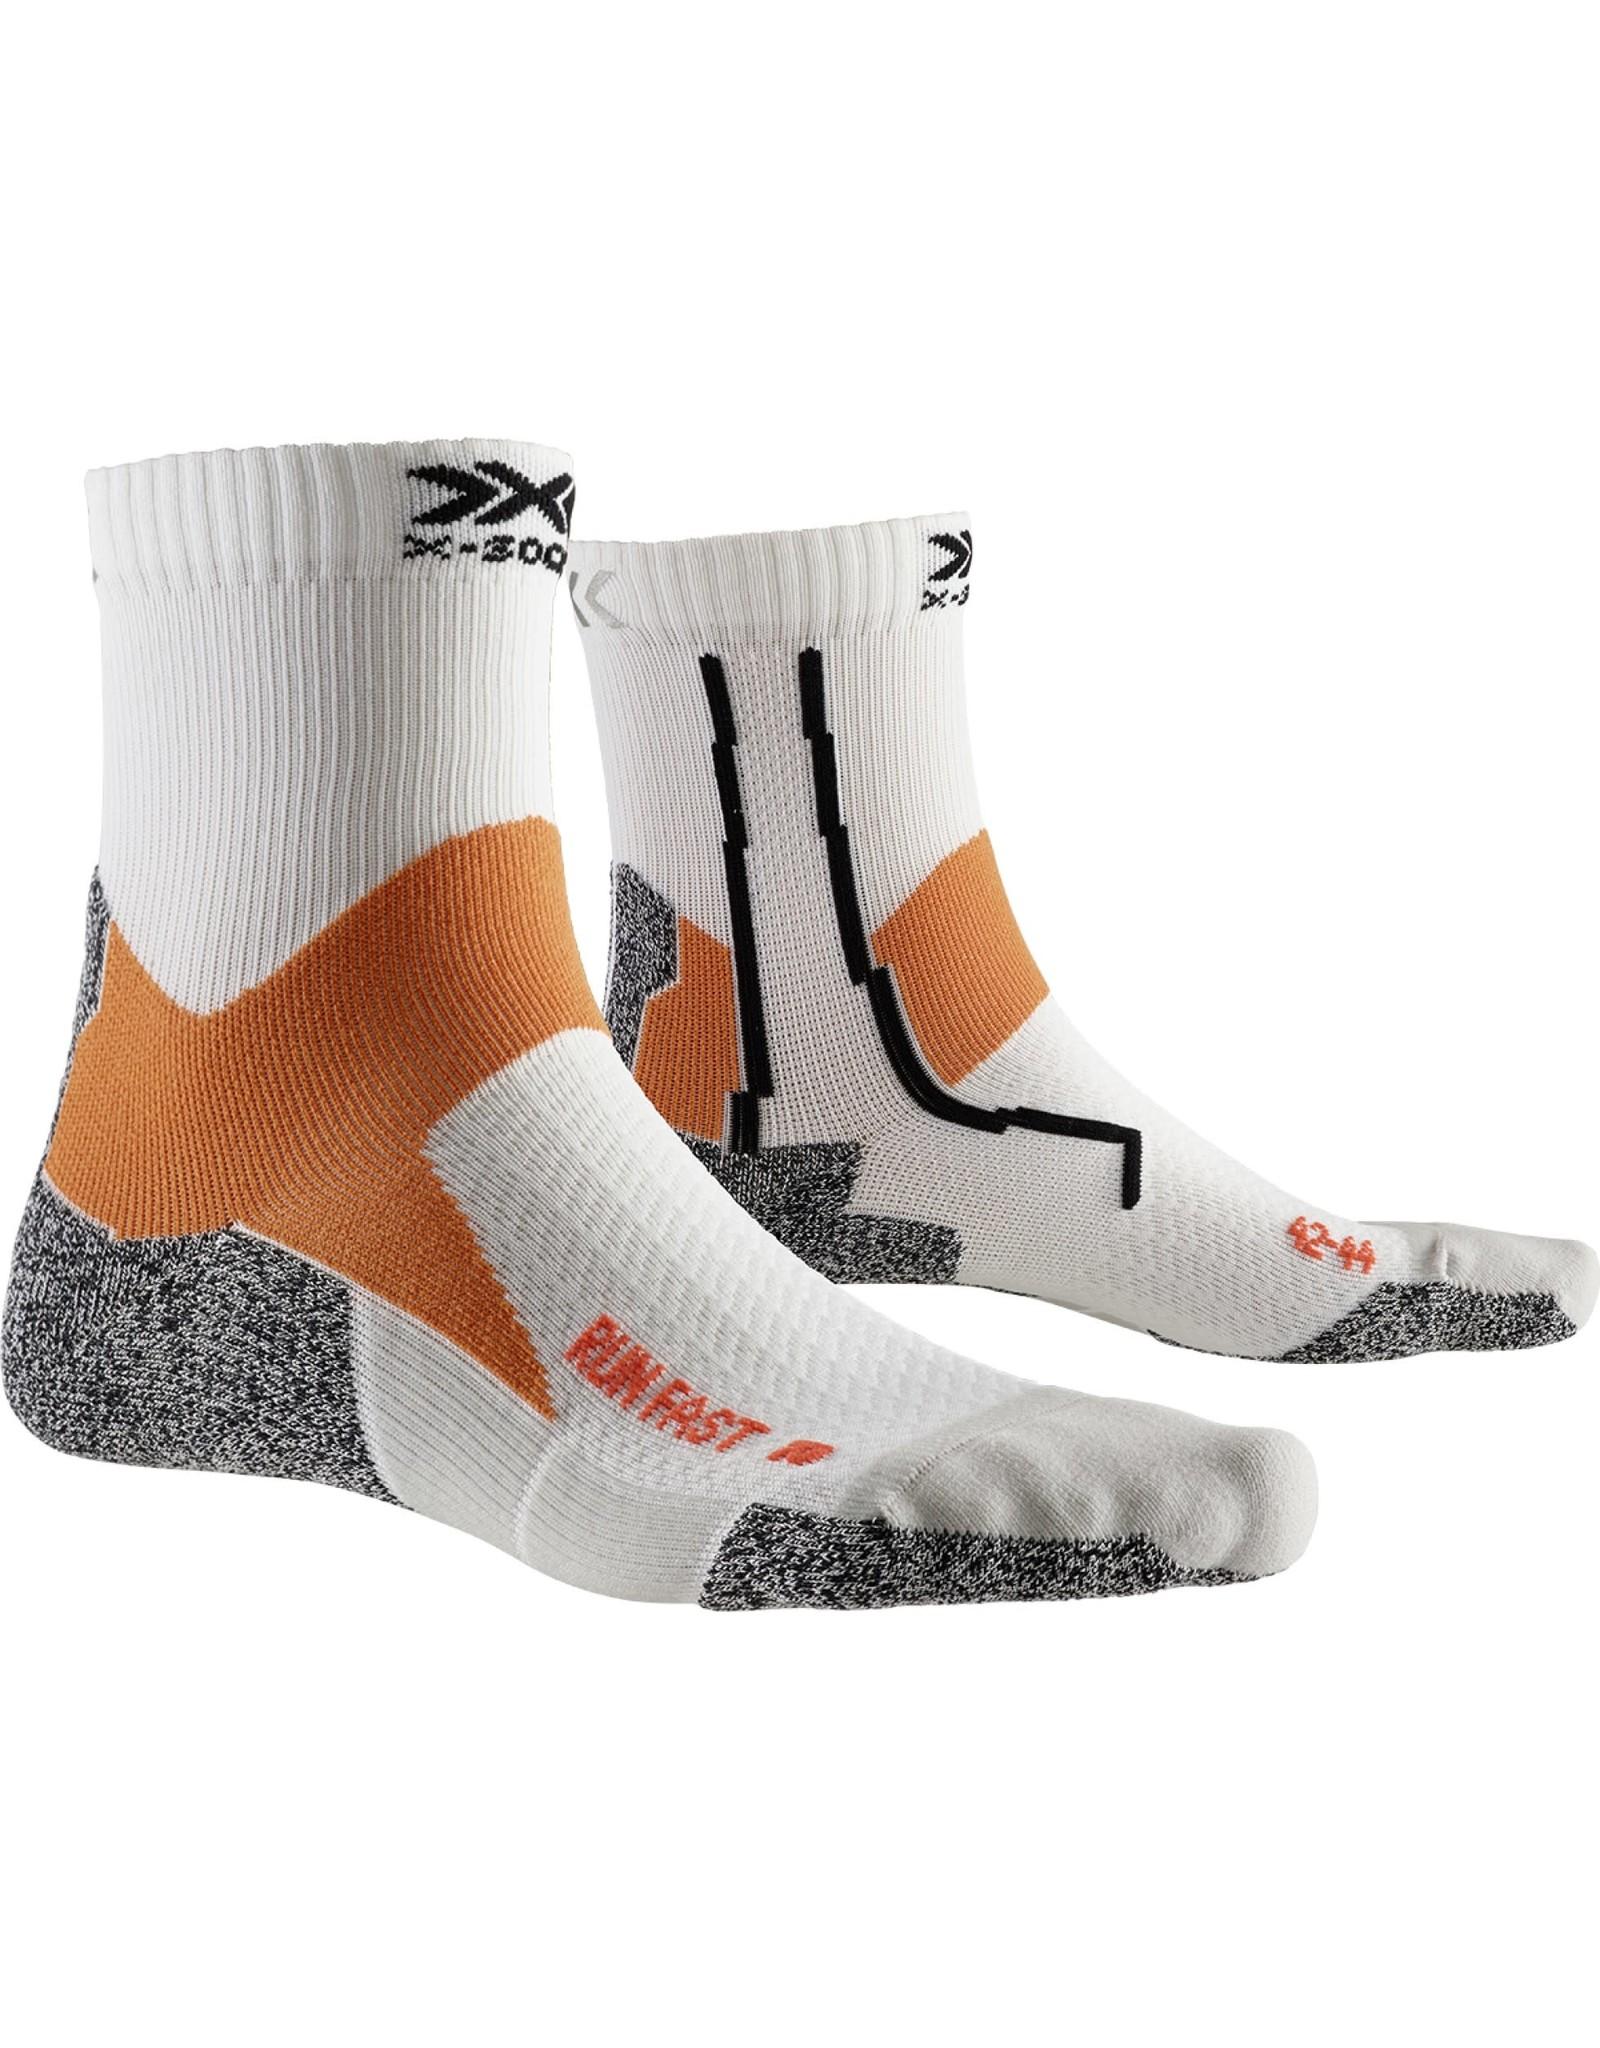 X-socks Run Fast Socks